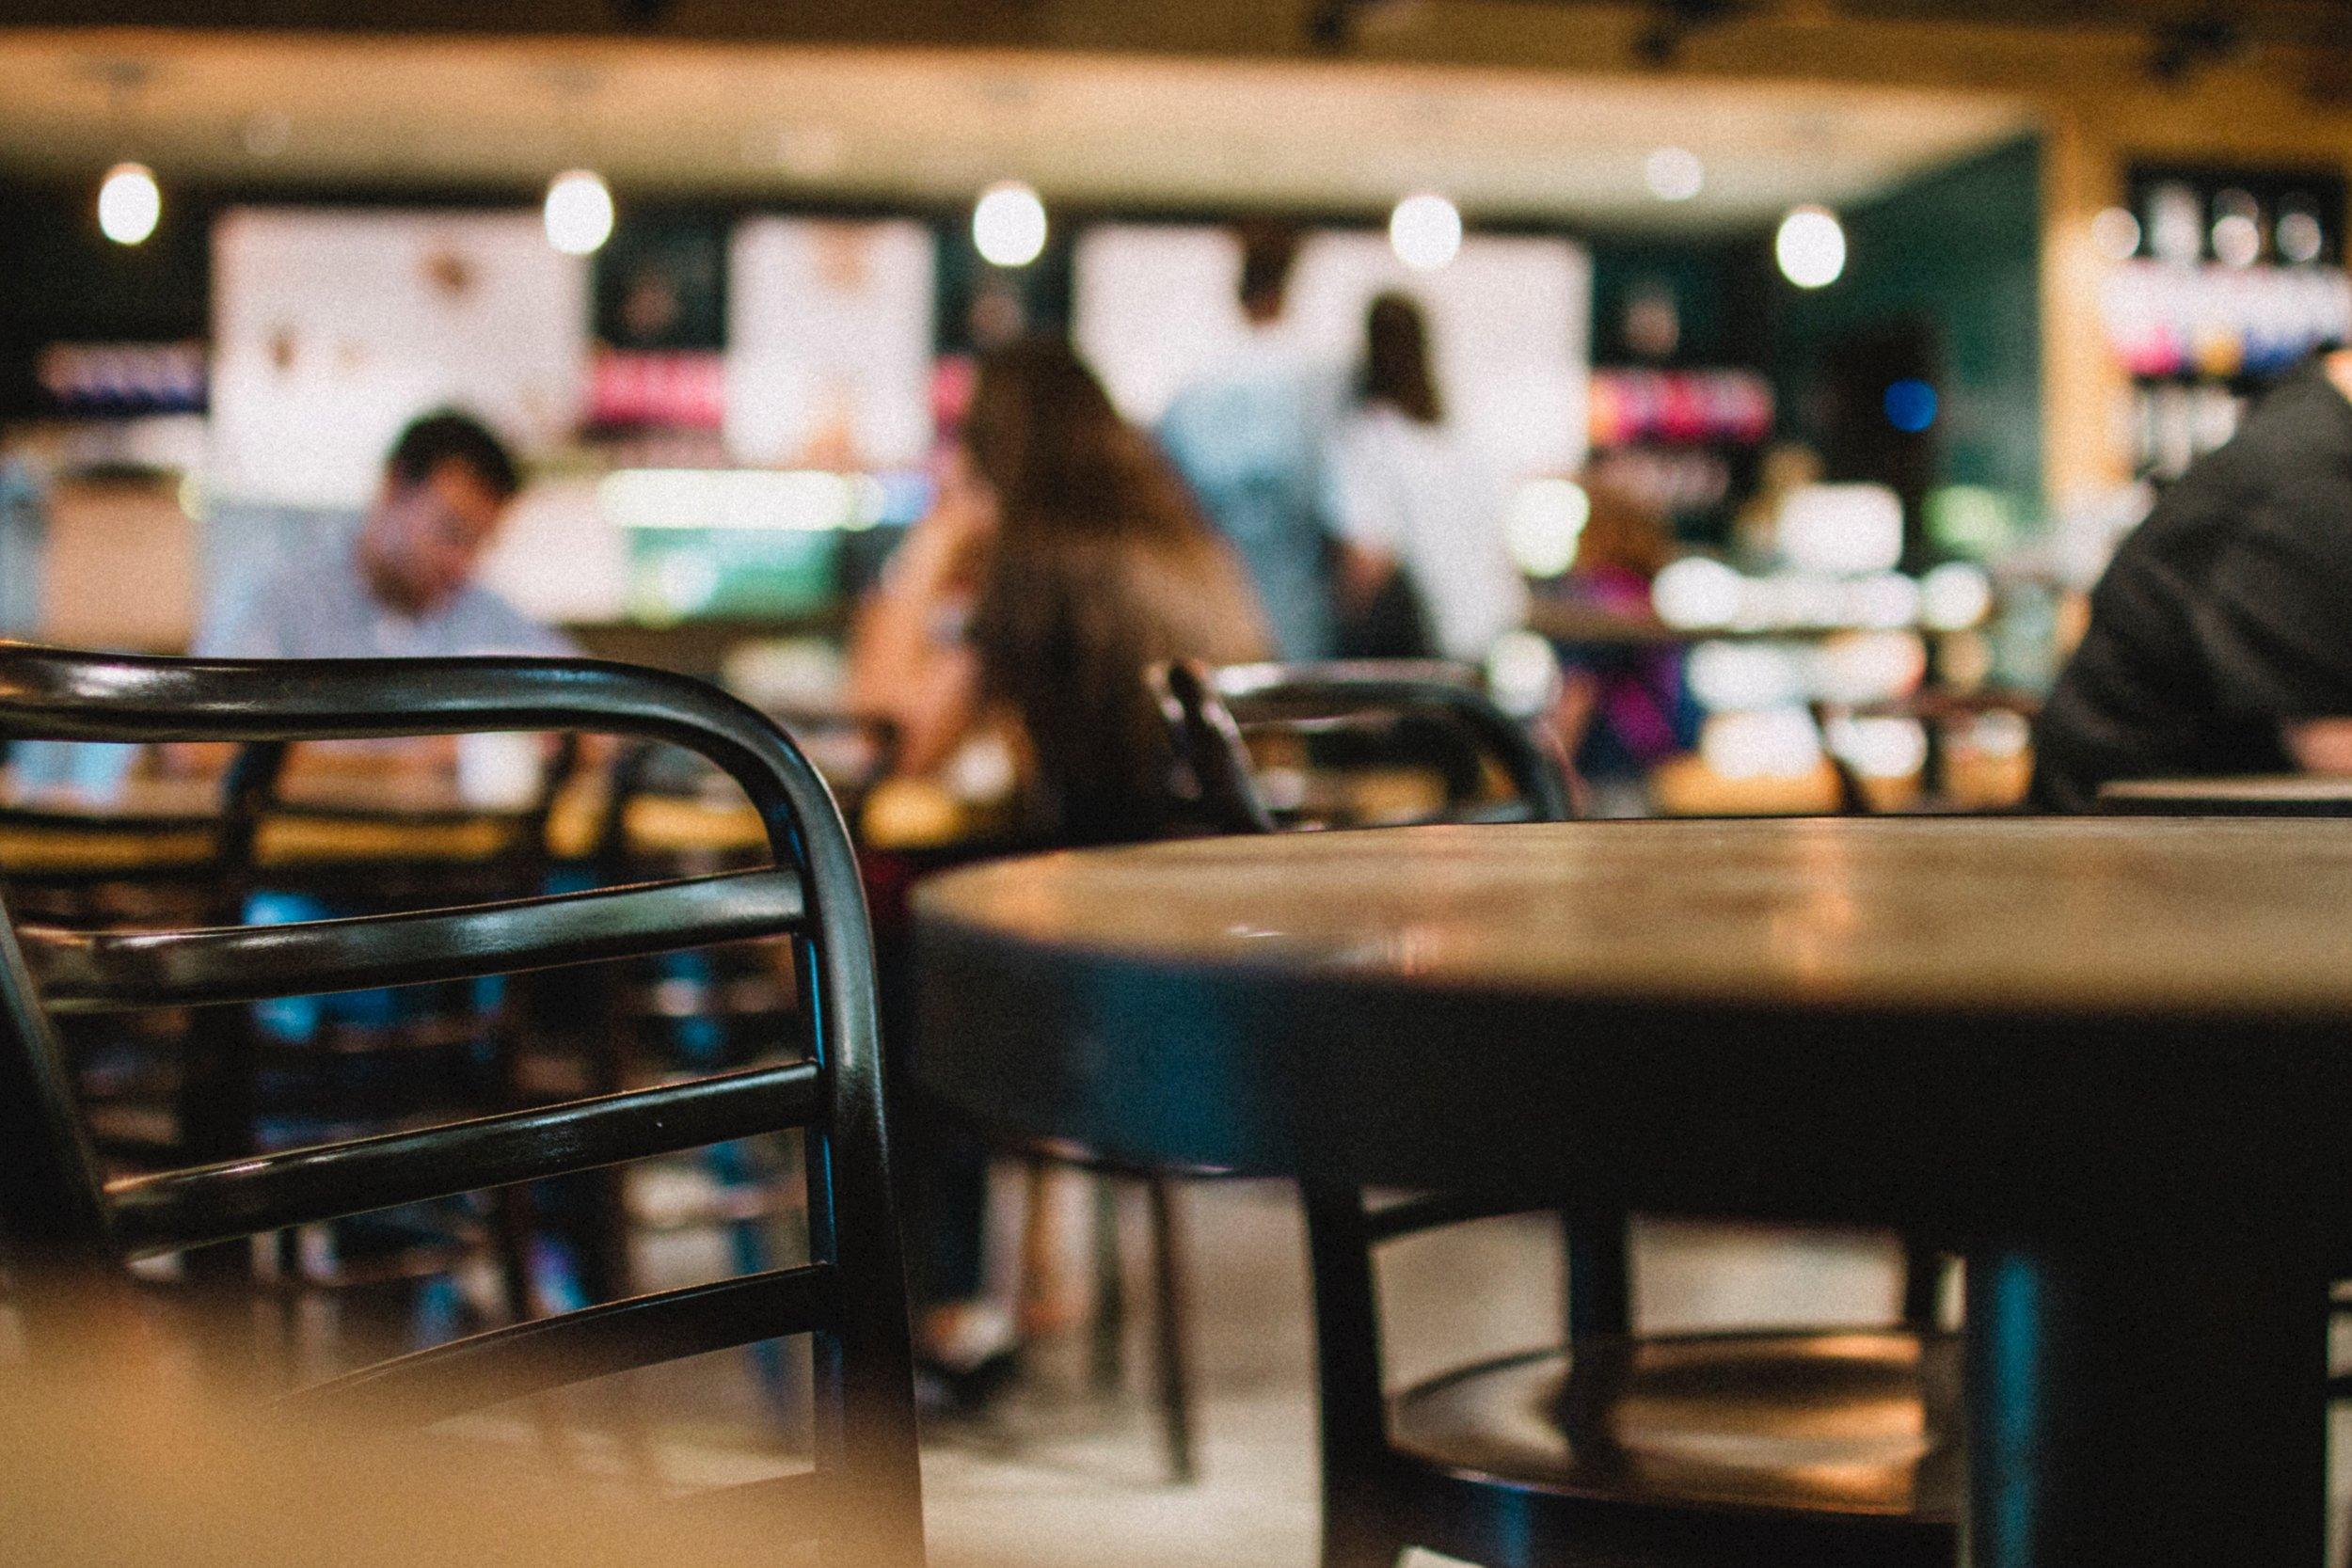 chair-coffee-shop-counter-597929.jpg